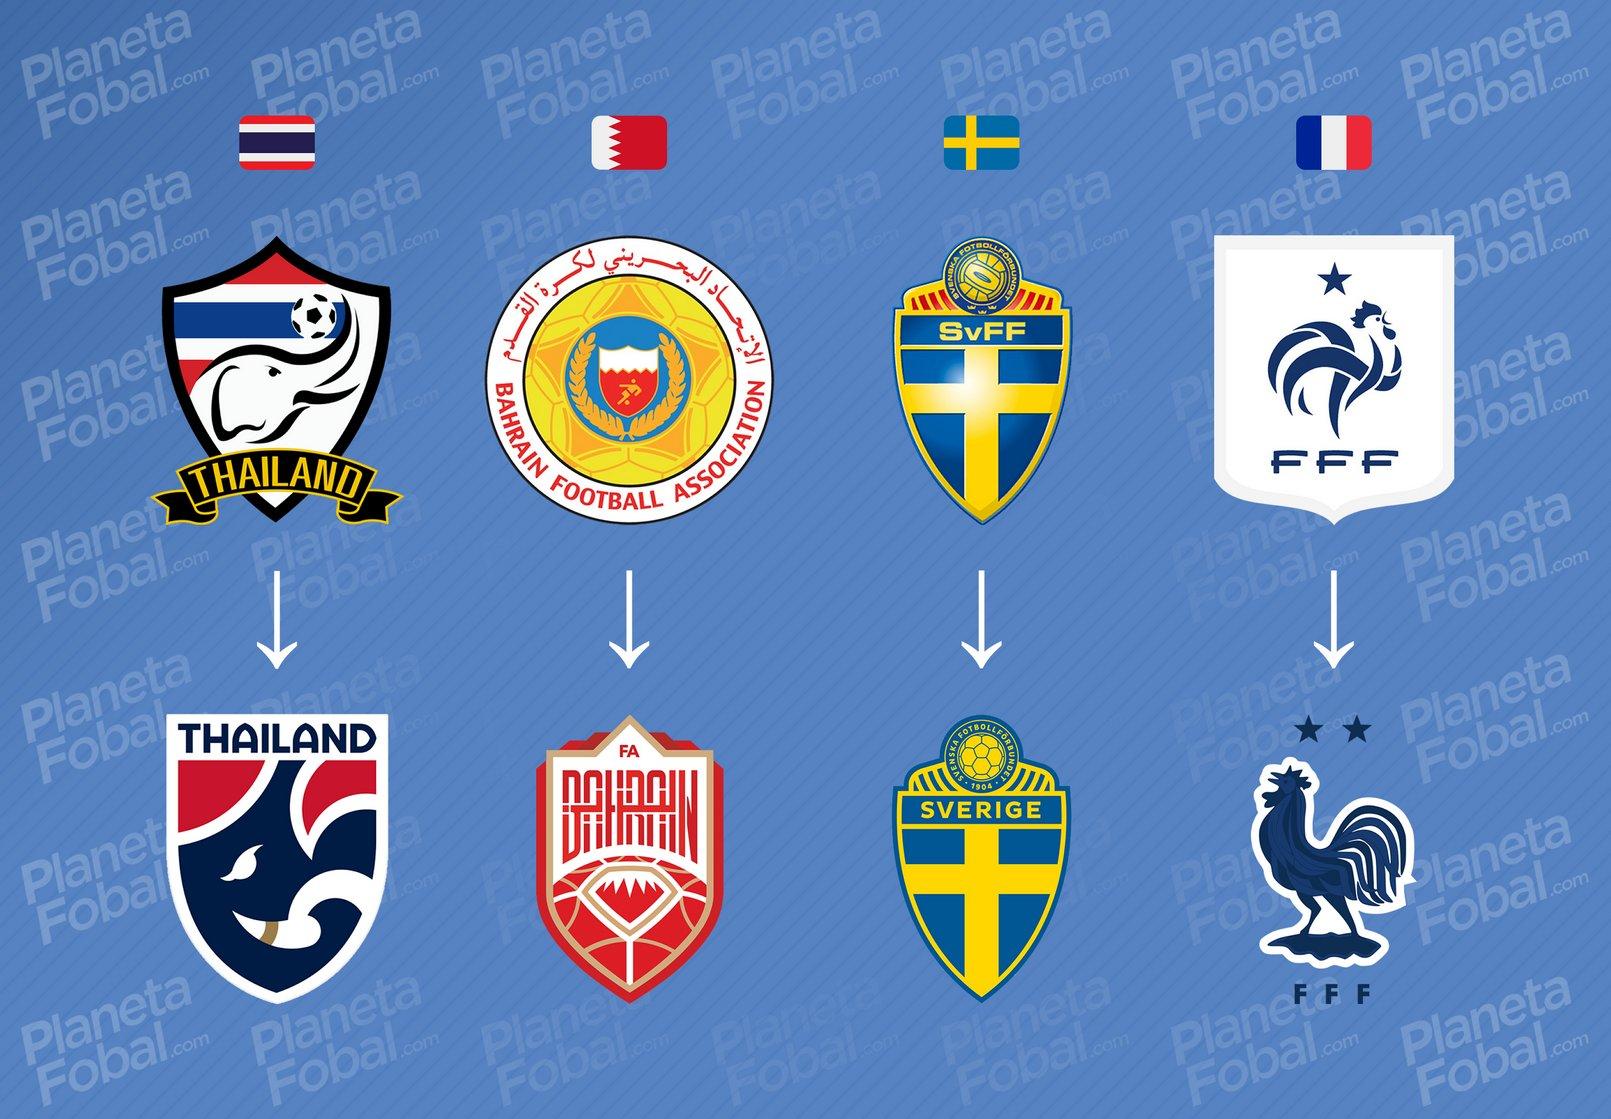 Evolución de Tailandia, Baréin, Suecia y Francia